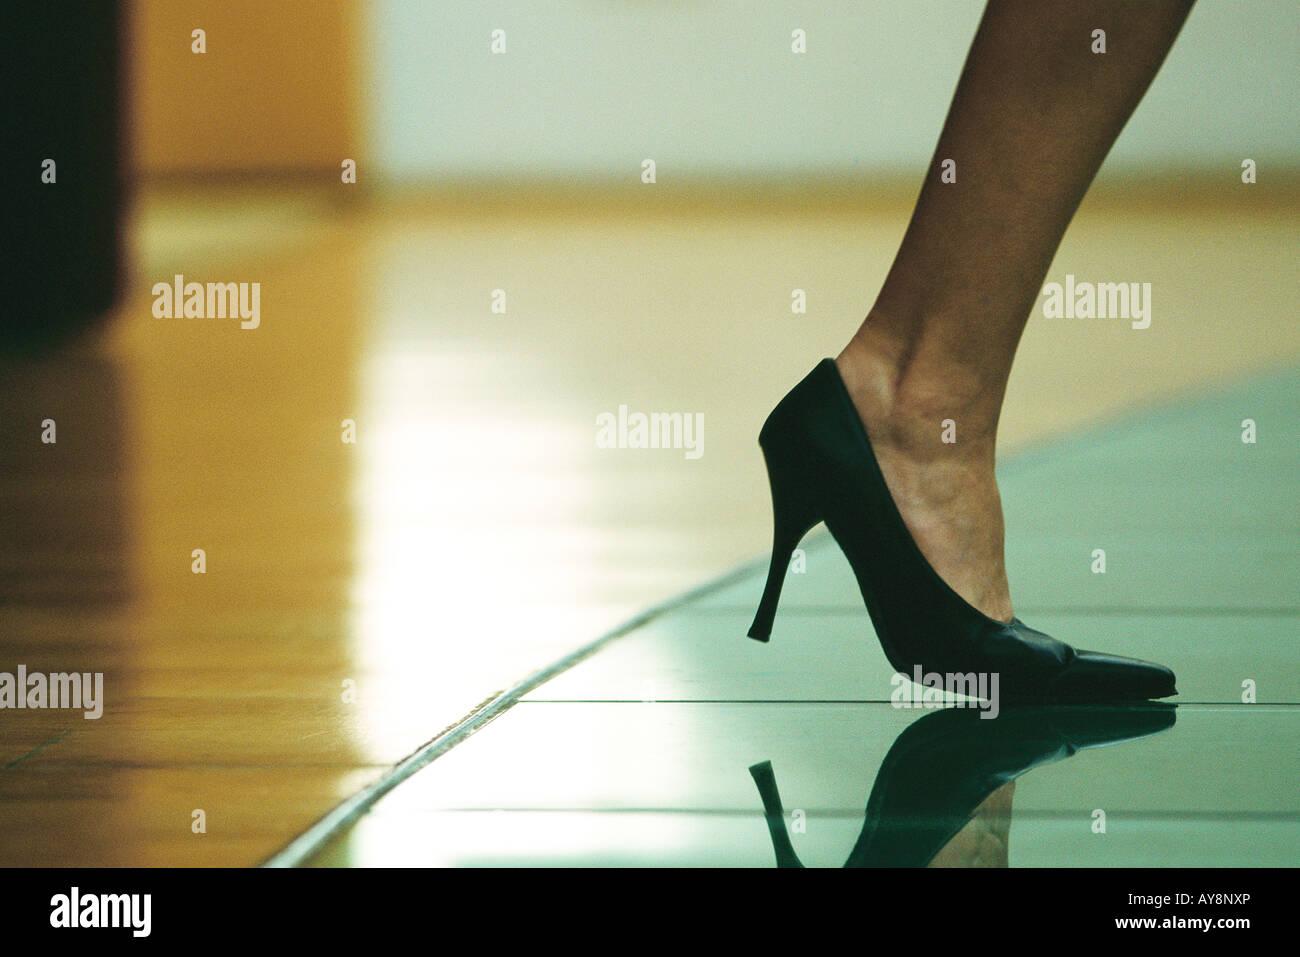 Frau zu Fuß in high Heels beschnitten Blick auf Fuß Stockbild